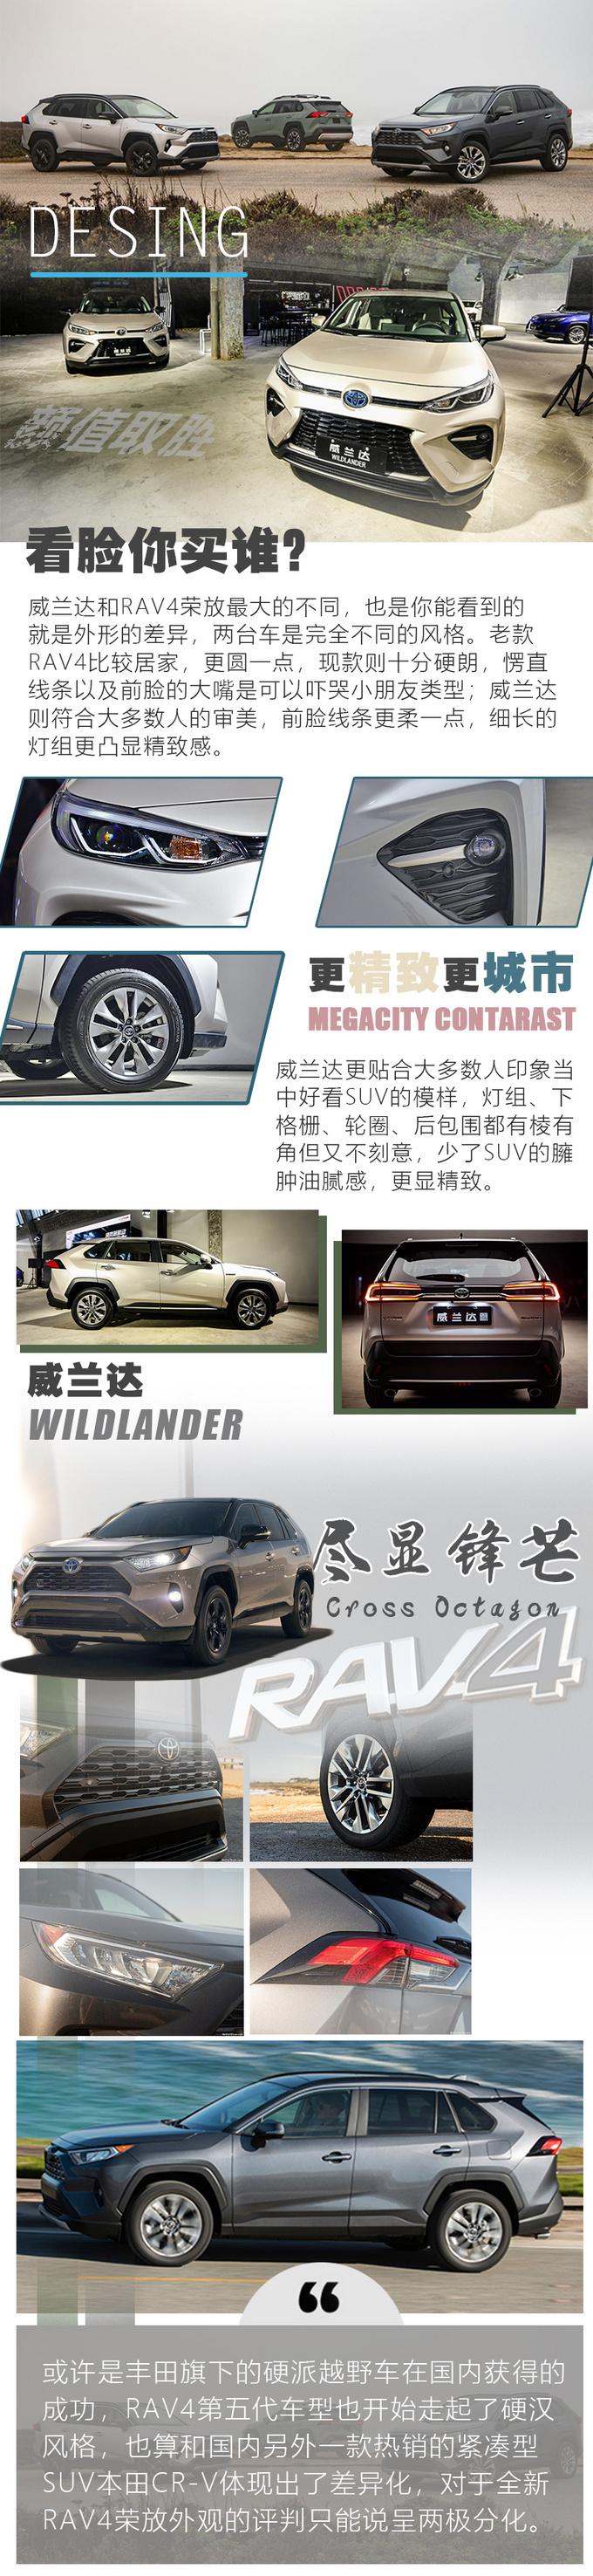 20万价位绕不开的SUV威兰达和RAV4荣放怎么选-图6